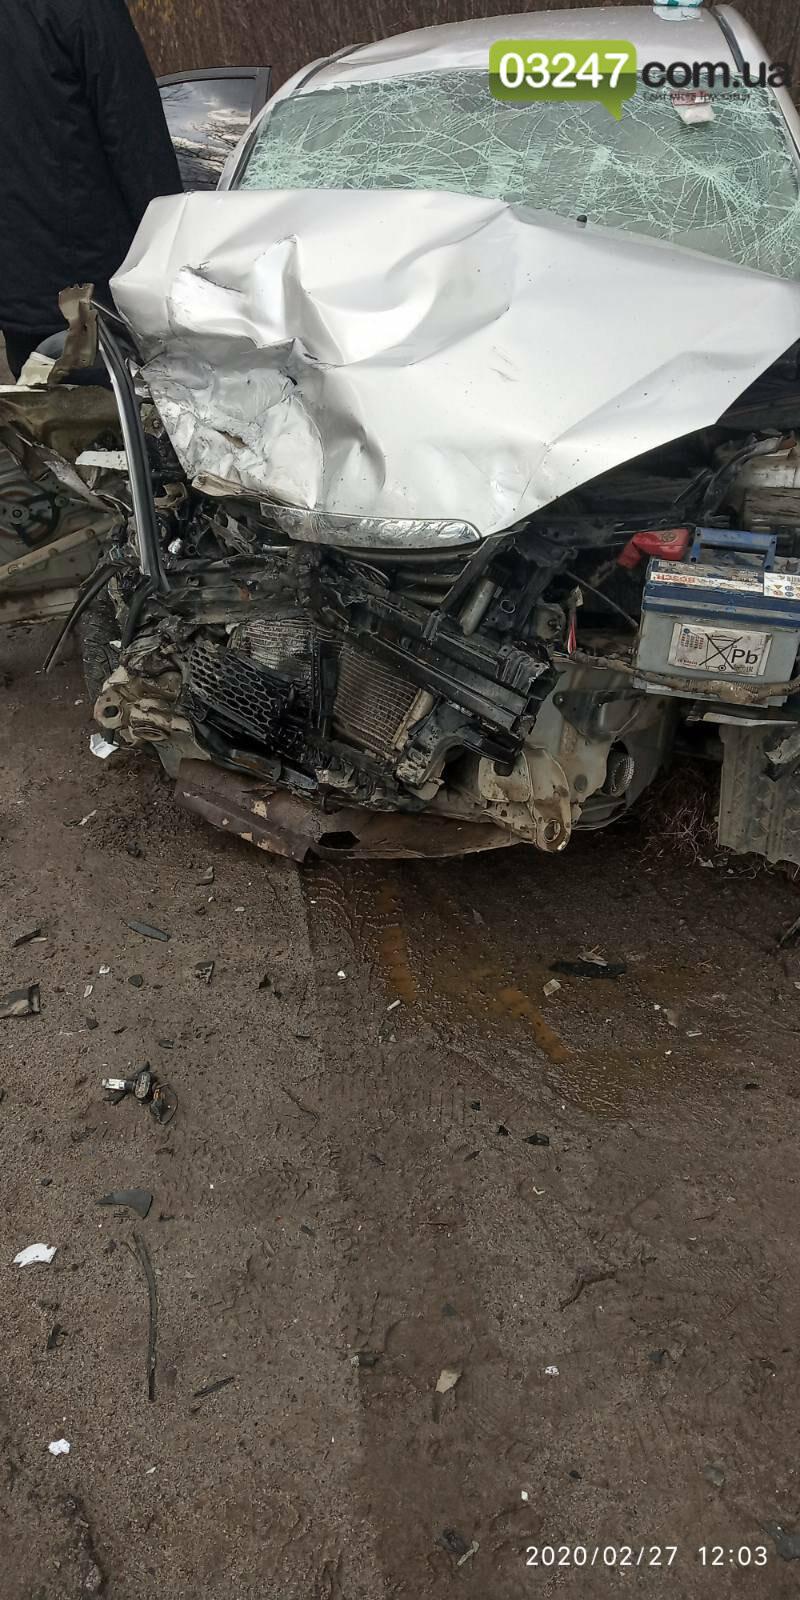 Помер один з учасників ДТП поблизу Борислава: подробиці, фото-1, 03247.com.ua